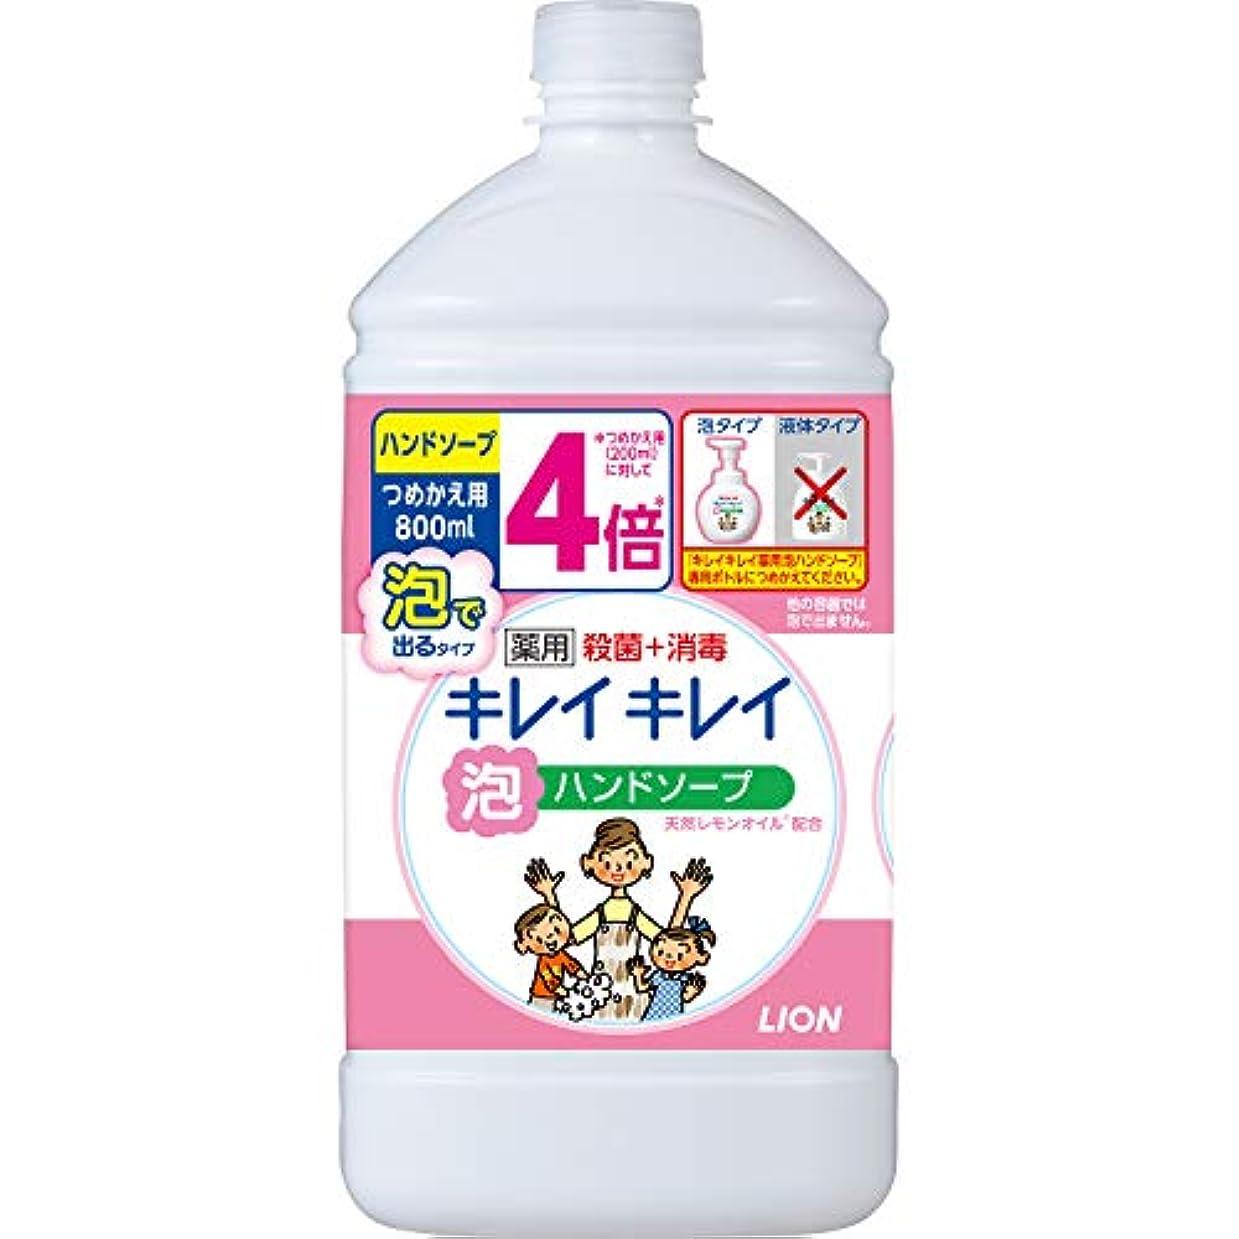 吸収組み合わせ代表(医薬部外品)【大容量】キレイキレイ 薬用 泡ハンドソープ シトラスフルーティの香り 詰替特大 800ml